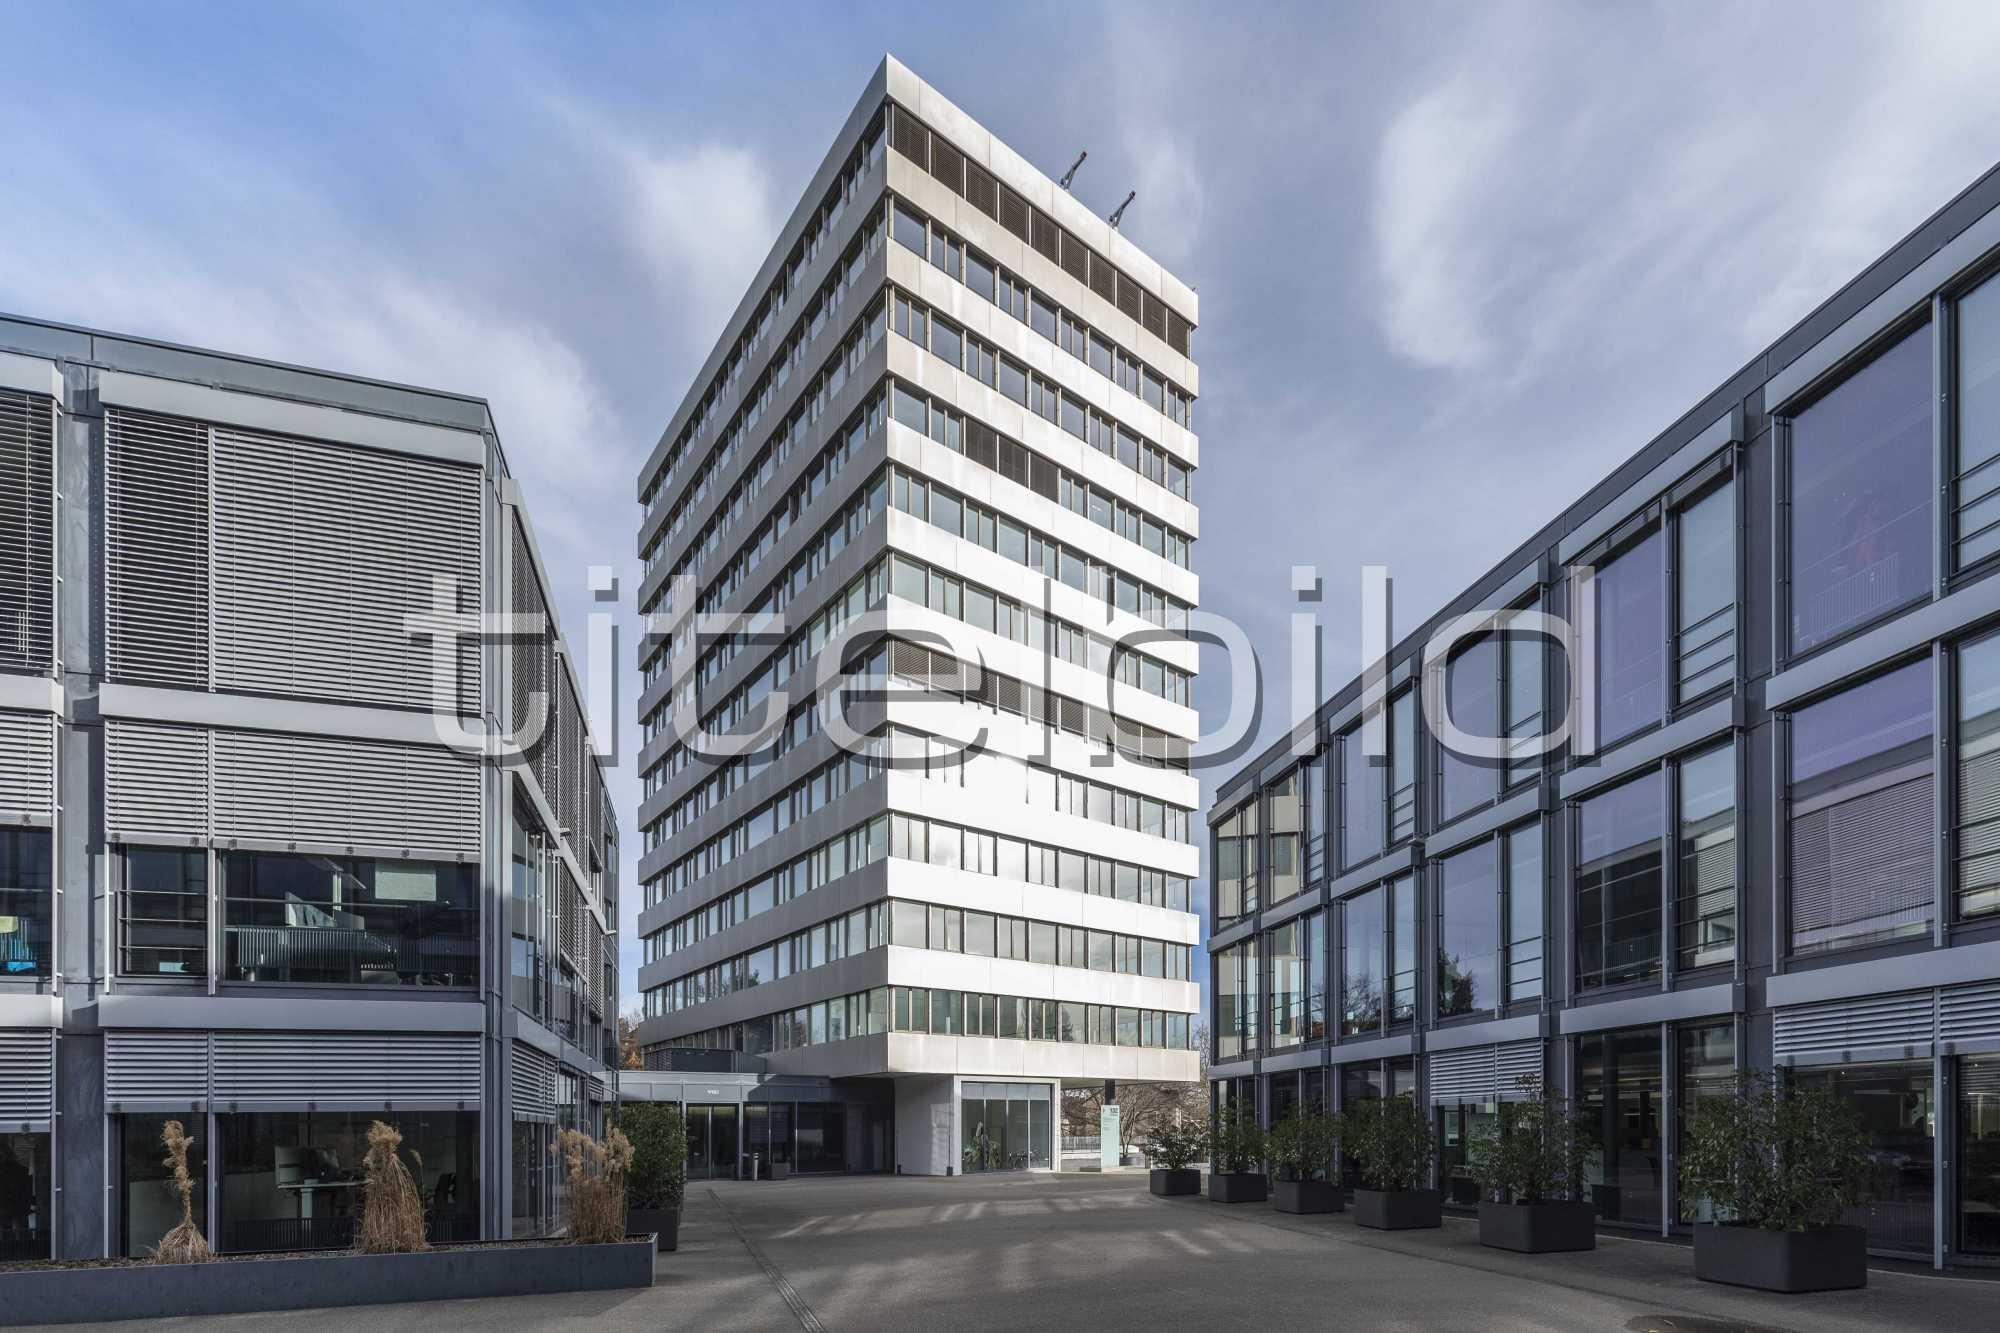 Projektbild-Nr. 5: Sanierung Hochhaus, Uetlibergstrasse 132, 8045 Zürich